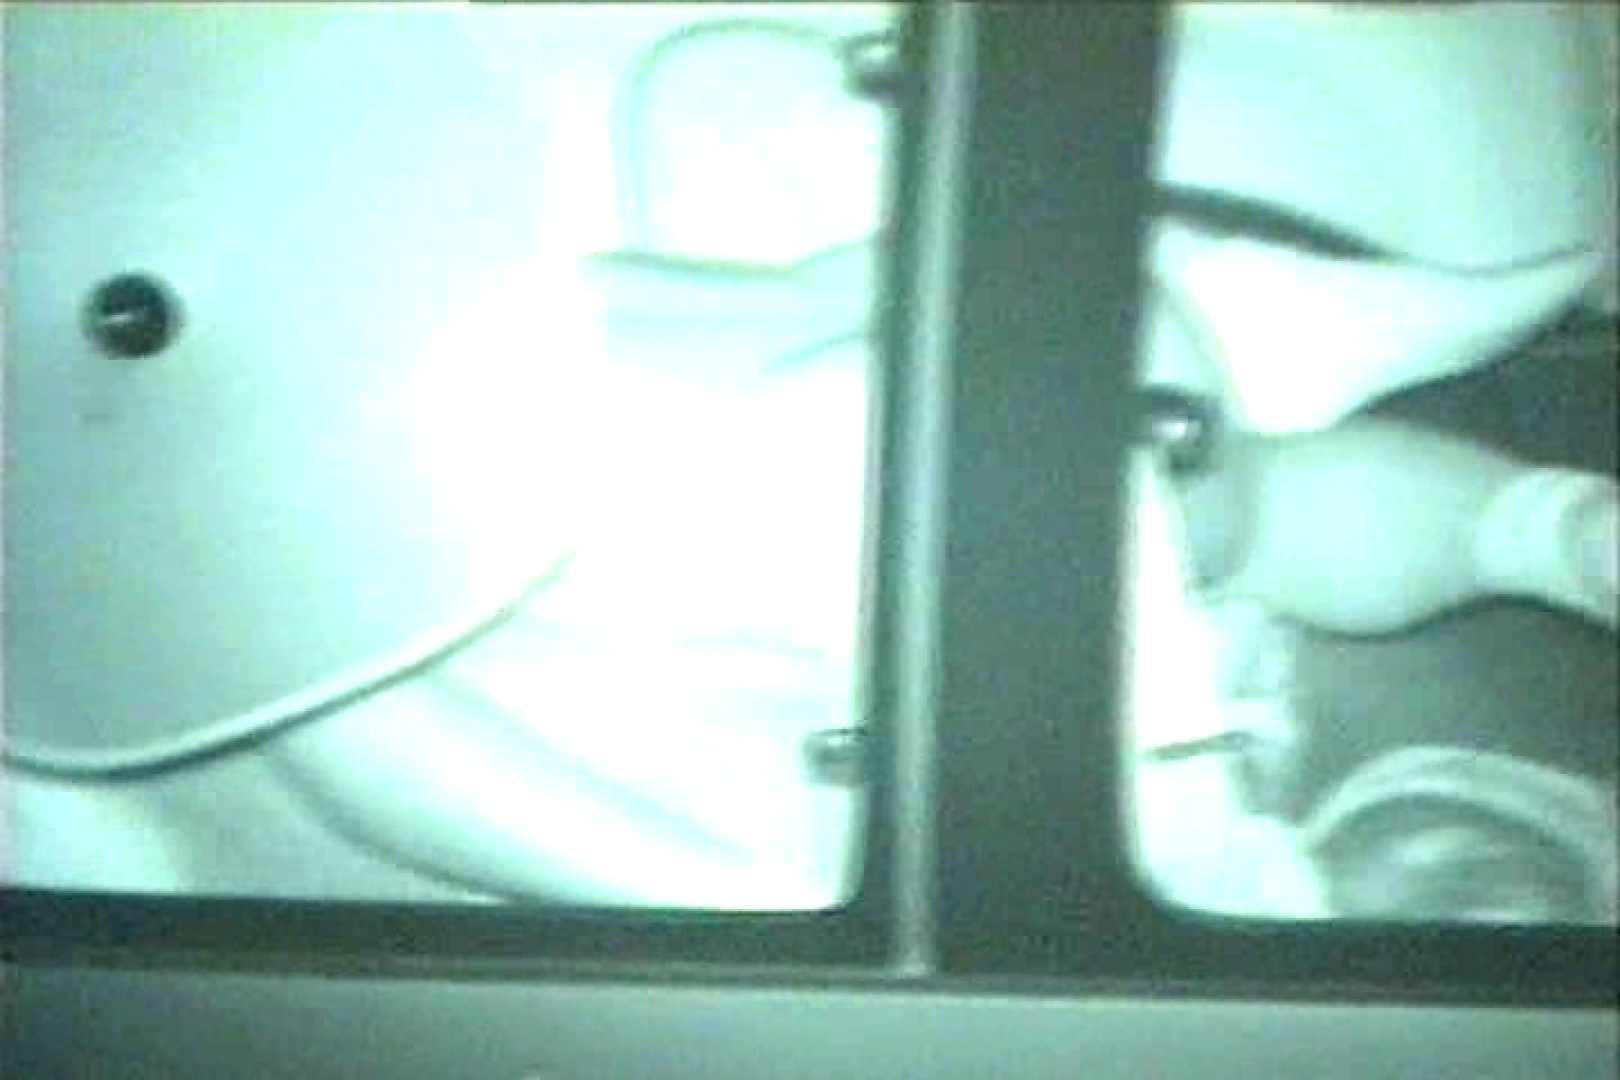 車の中はラブホテル 無修正版  Vol.27 ホテル のぞき動画画像 91画像 30